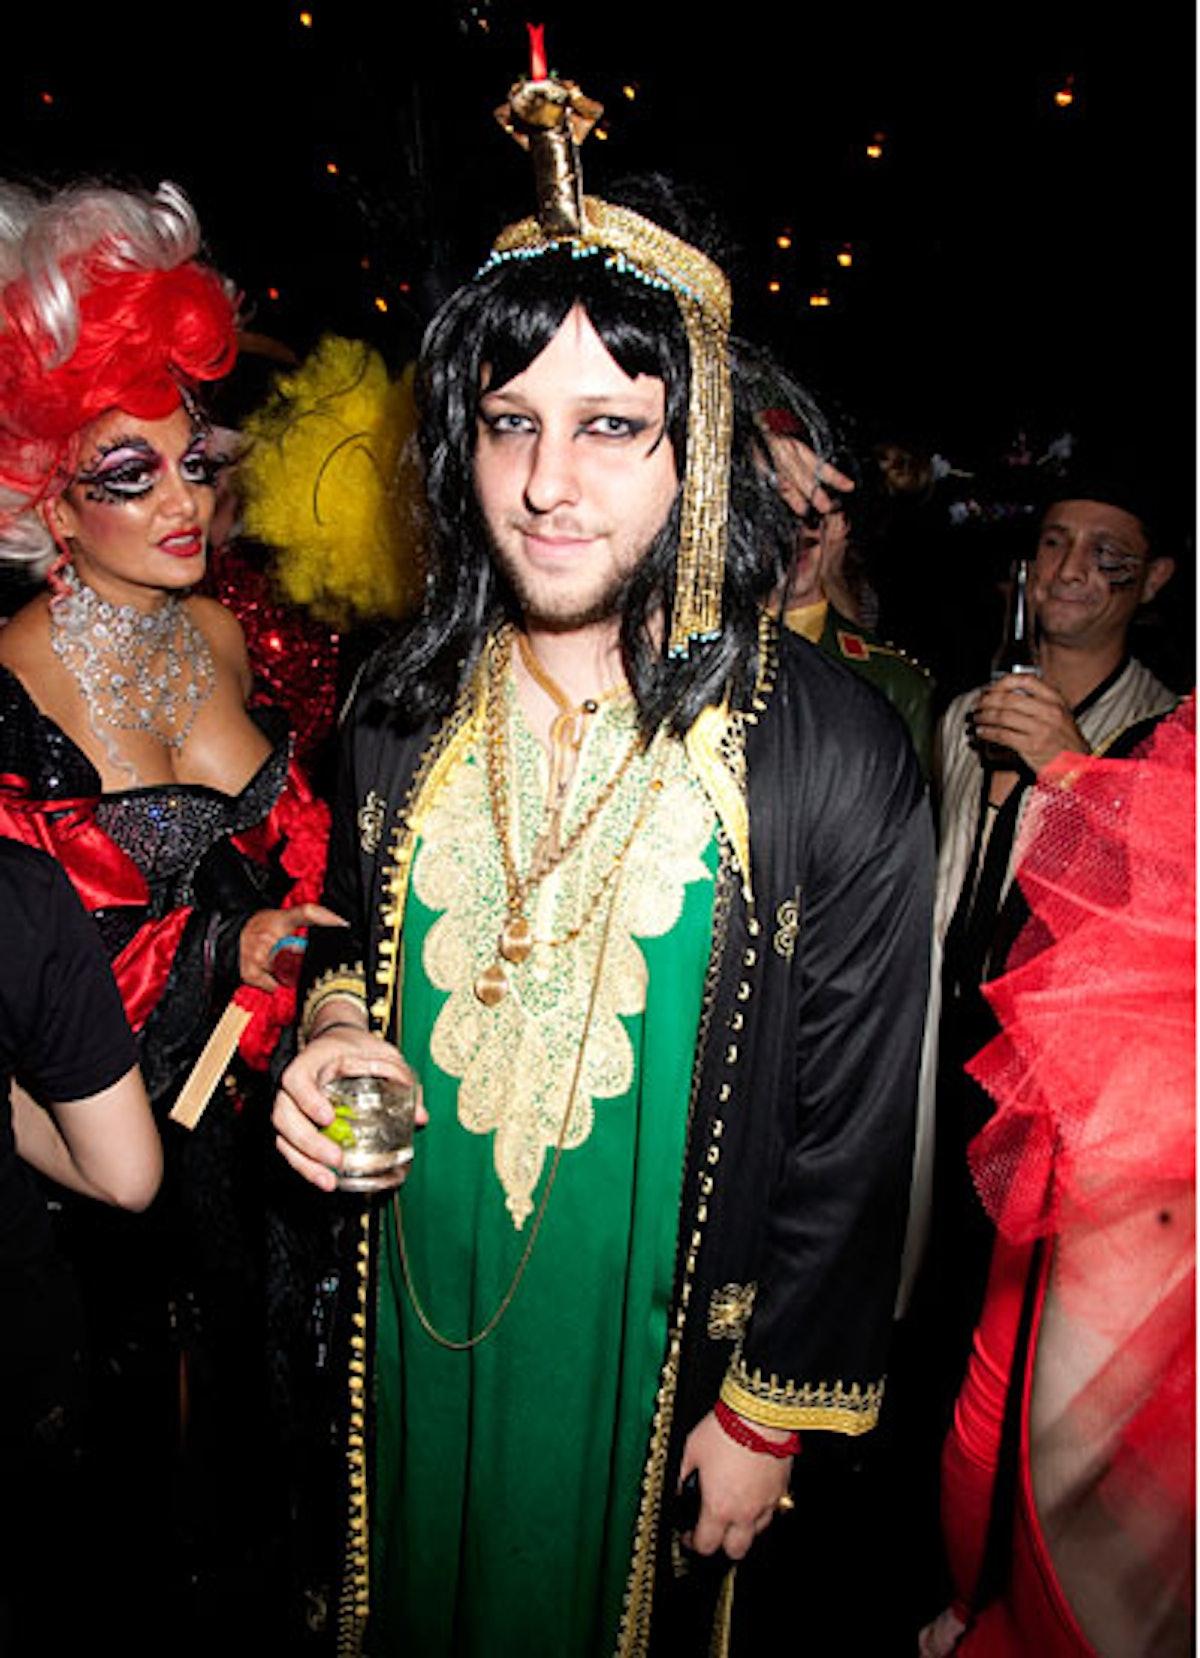 pass-wild-halloween-costumes-10-v.jpg